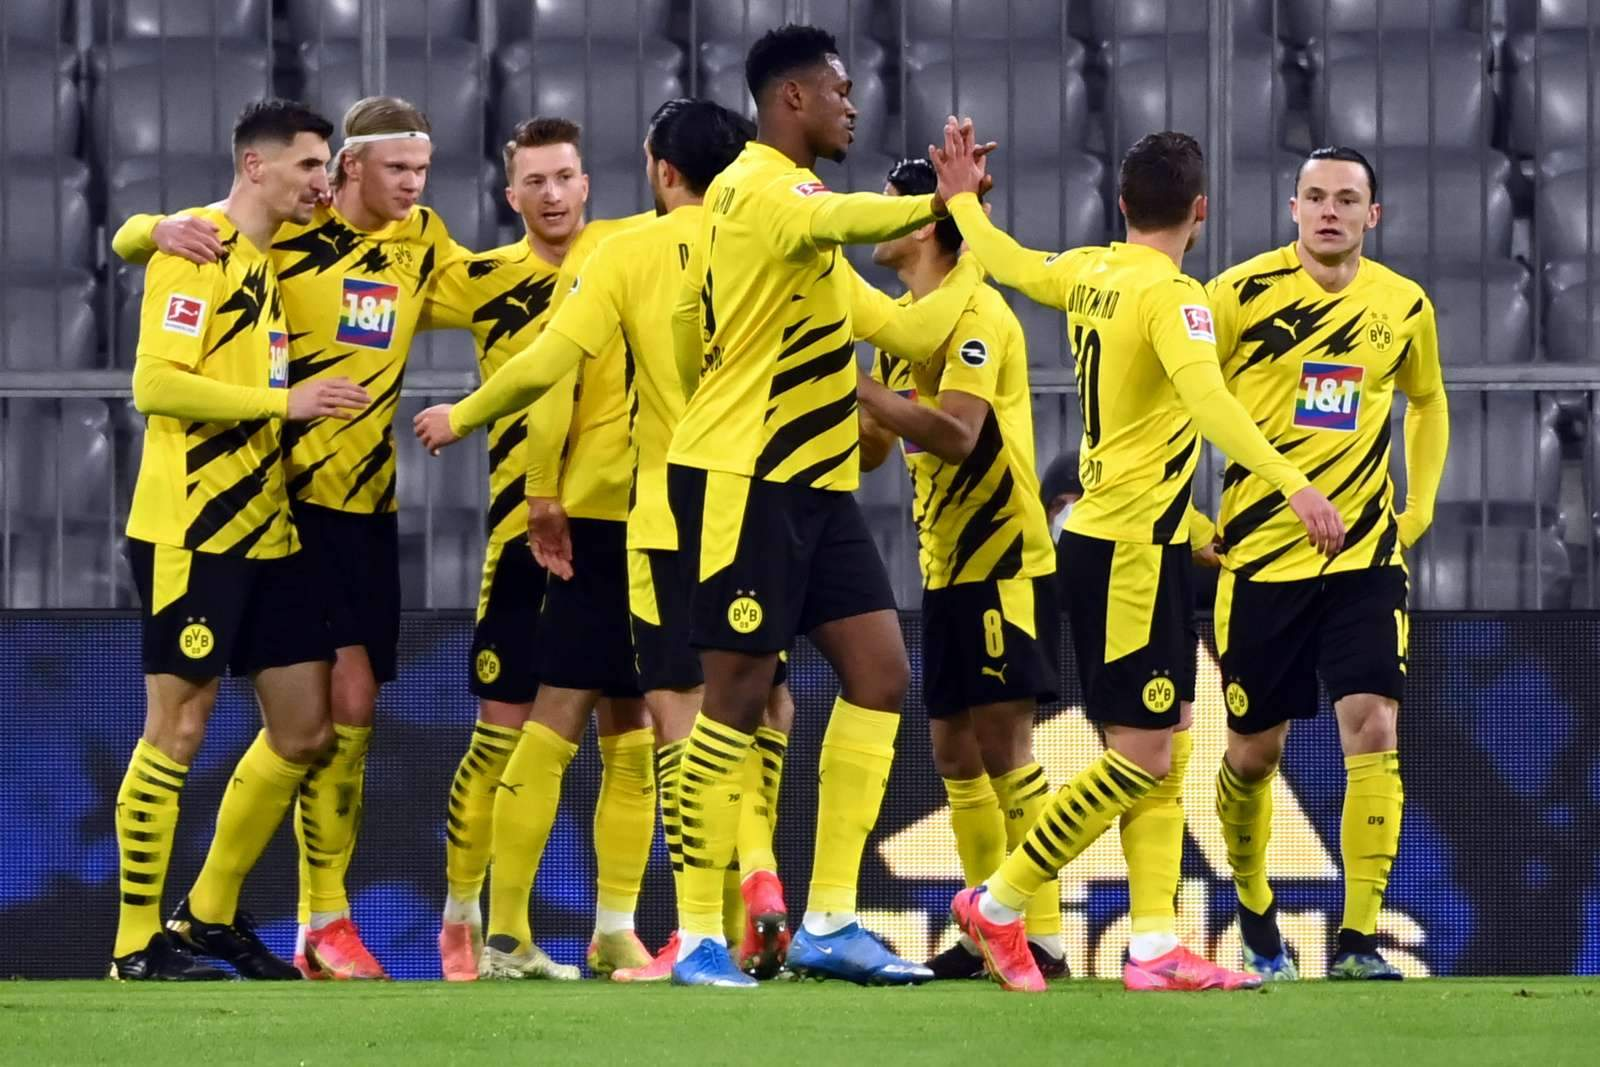 Дортмундская «Боруссия» проиграла ключевой матч дома и другие результаты Бундеслиги